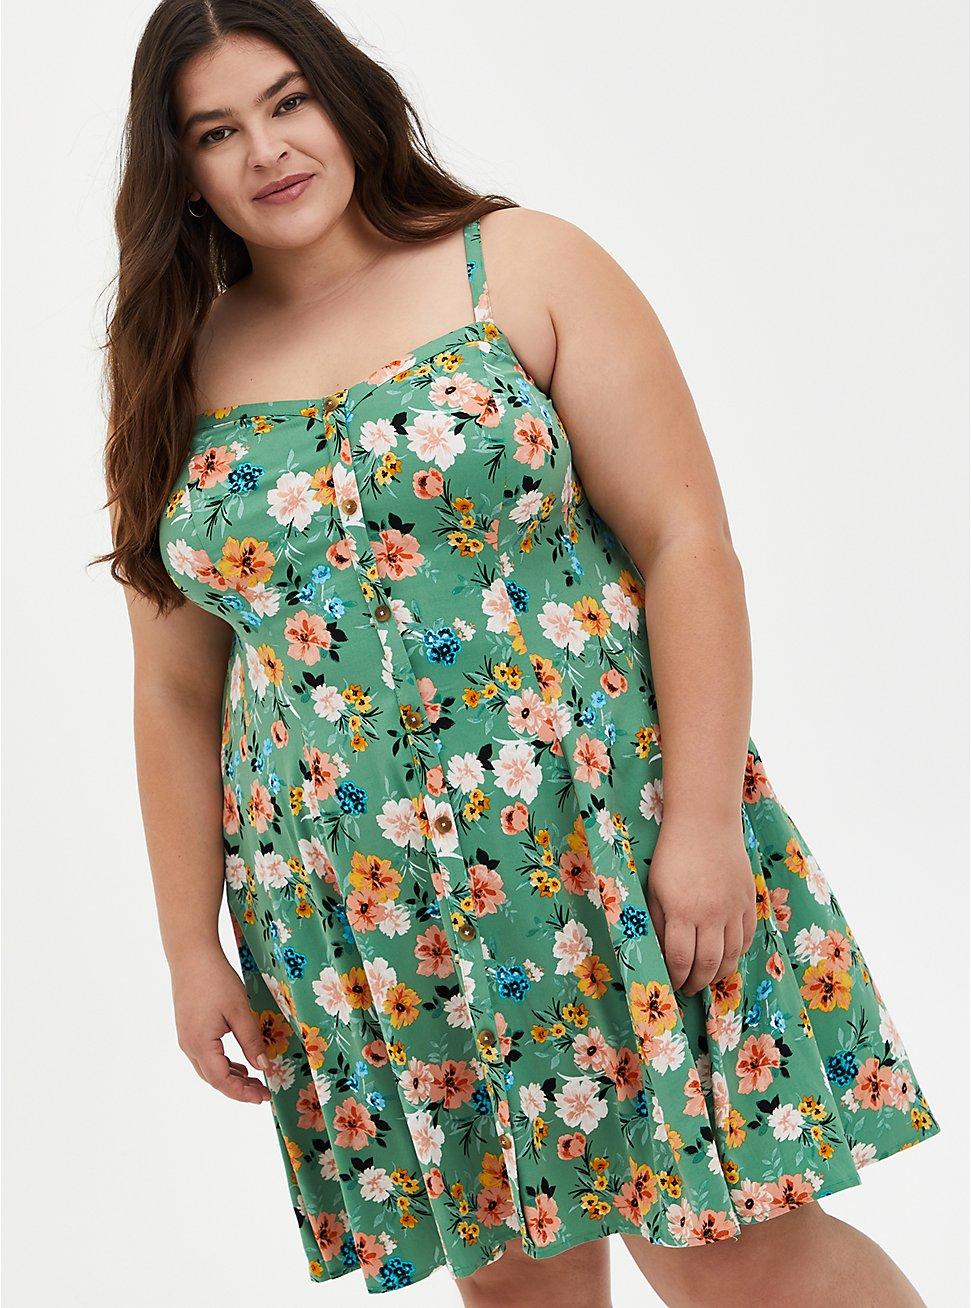 Green Floral Challis Fit & Flare Cami Dress, FLORALS-GREEN, hi-res